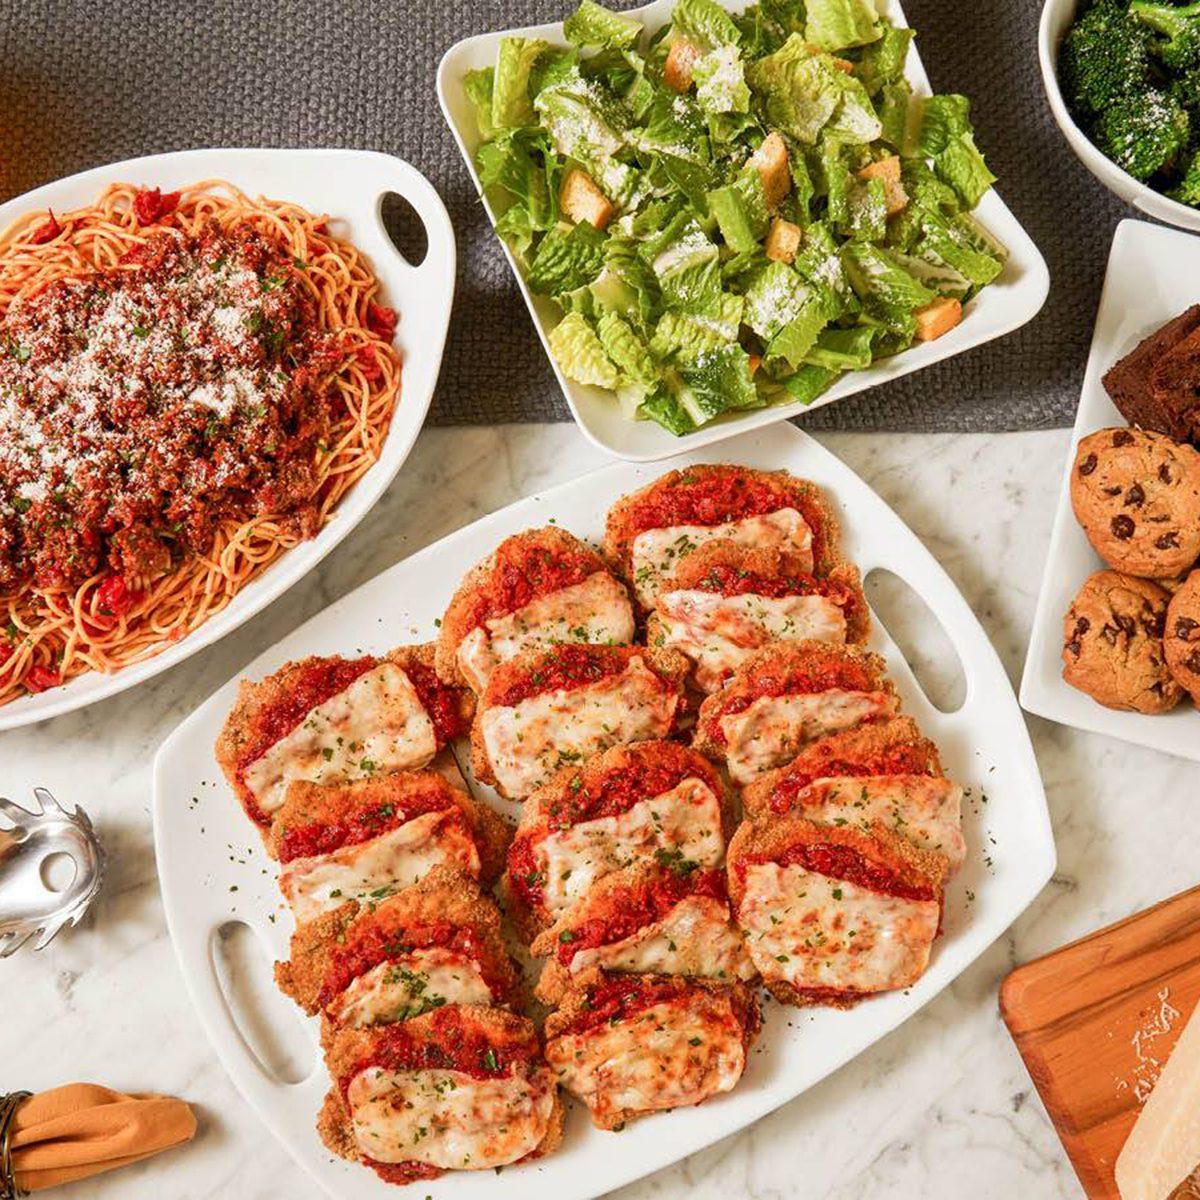 Buca di Beppo's dinner spread